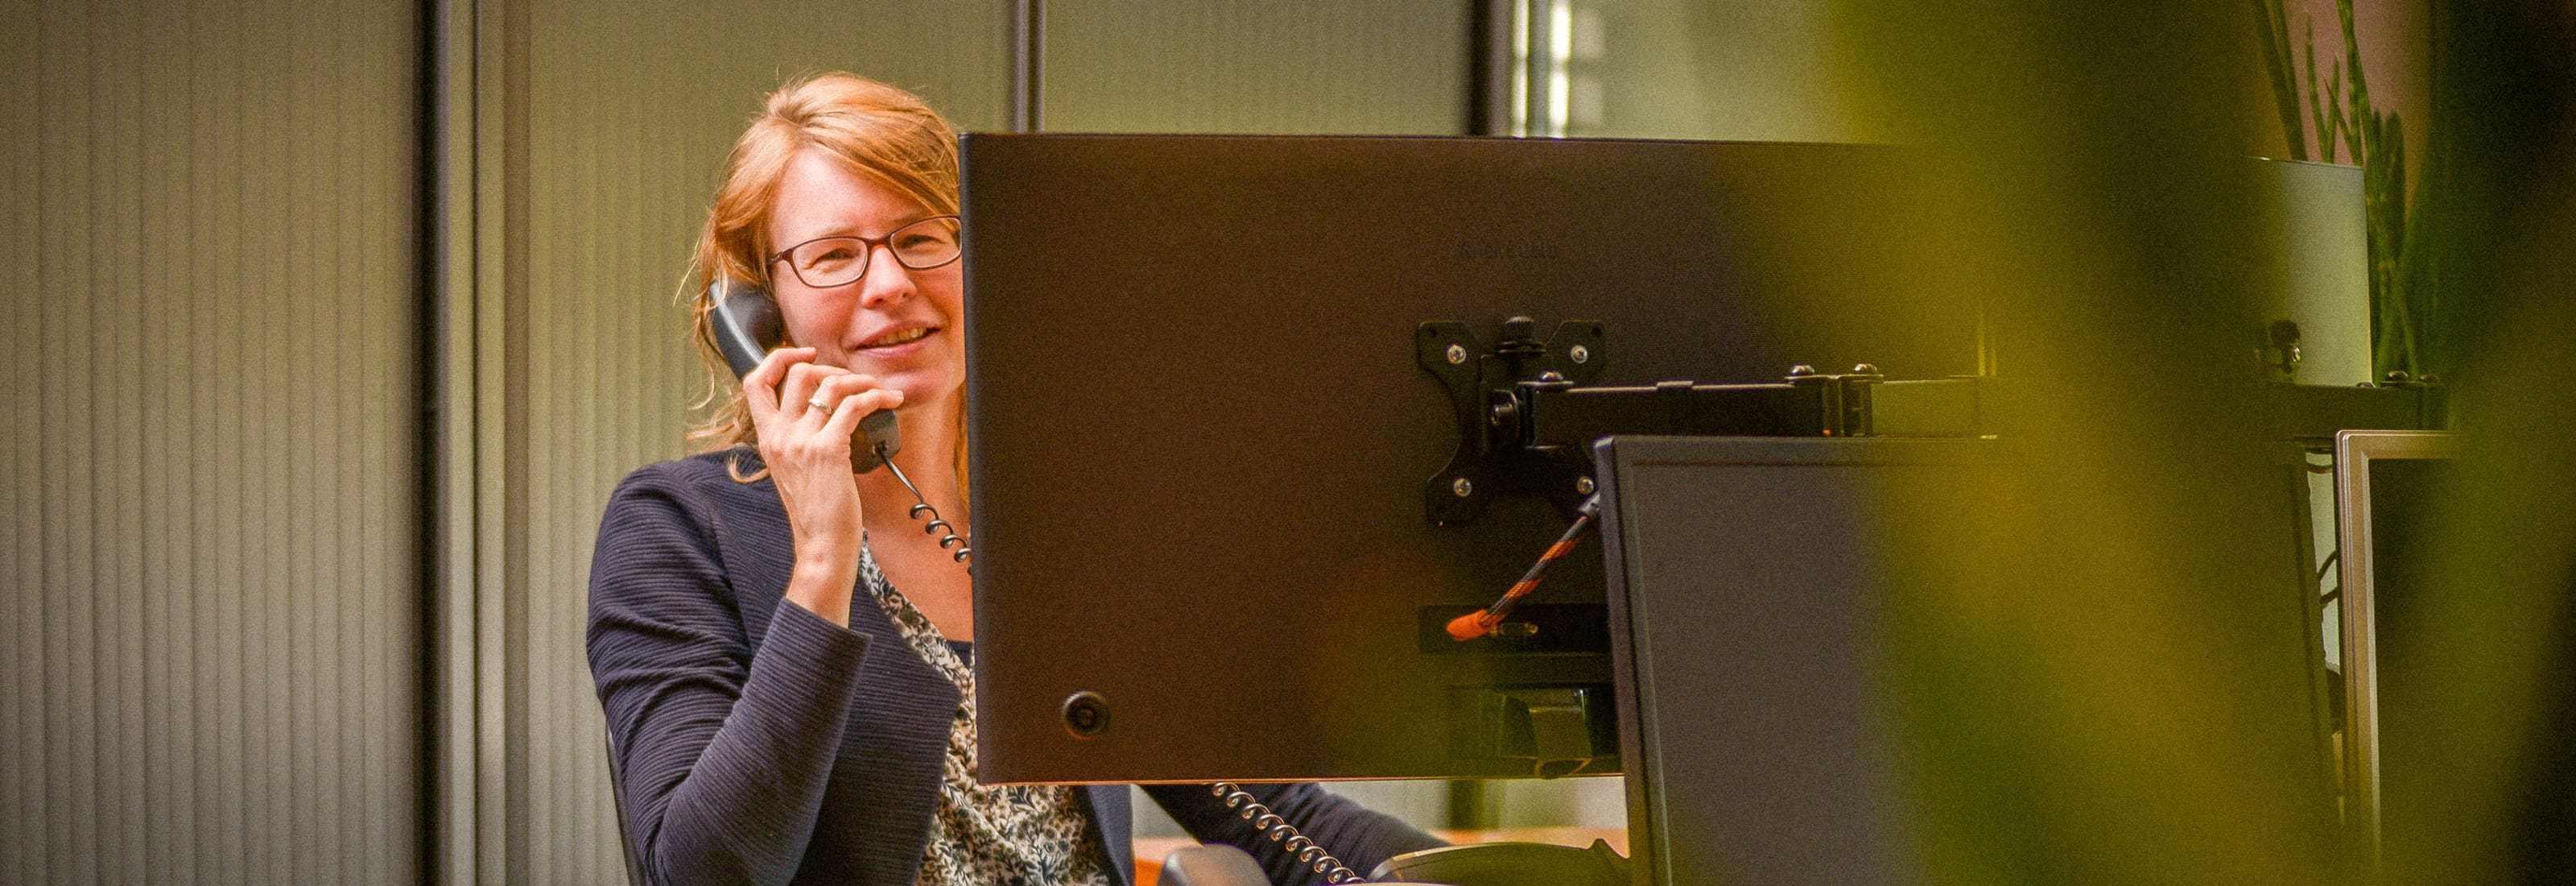 Zoer Administratie - Administratiekantoor in Meppel